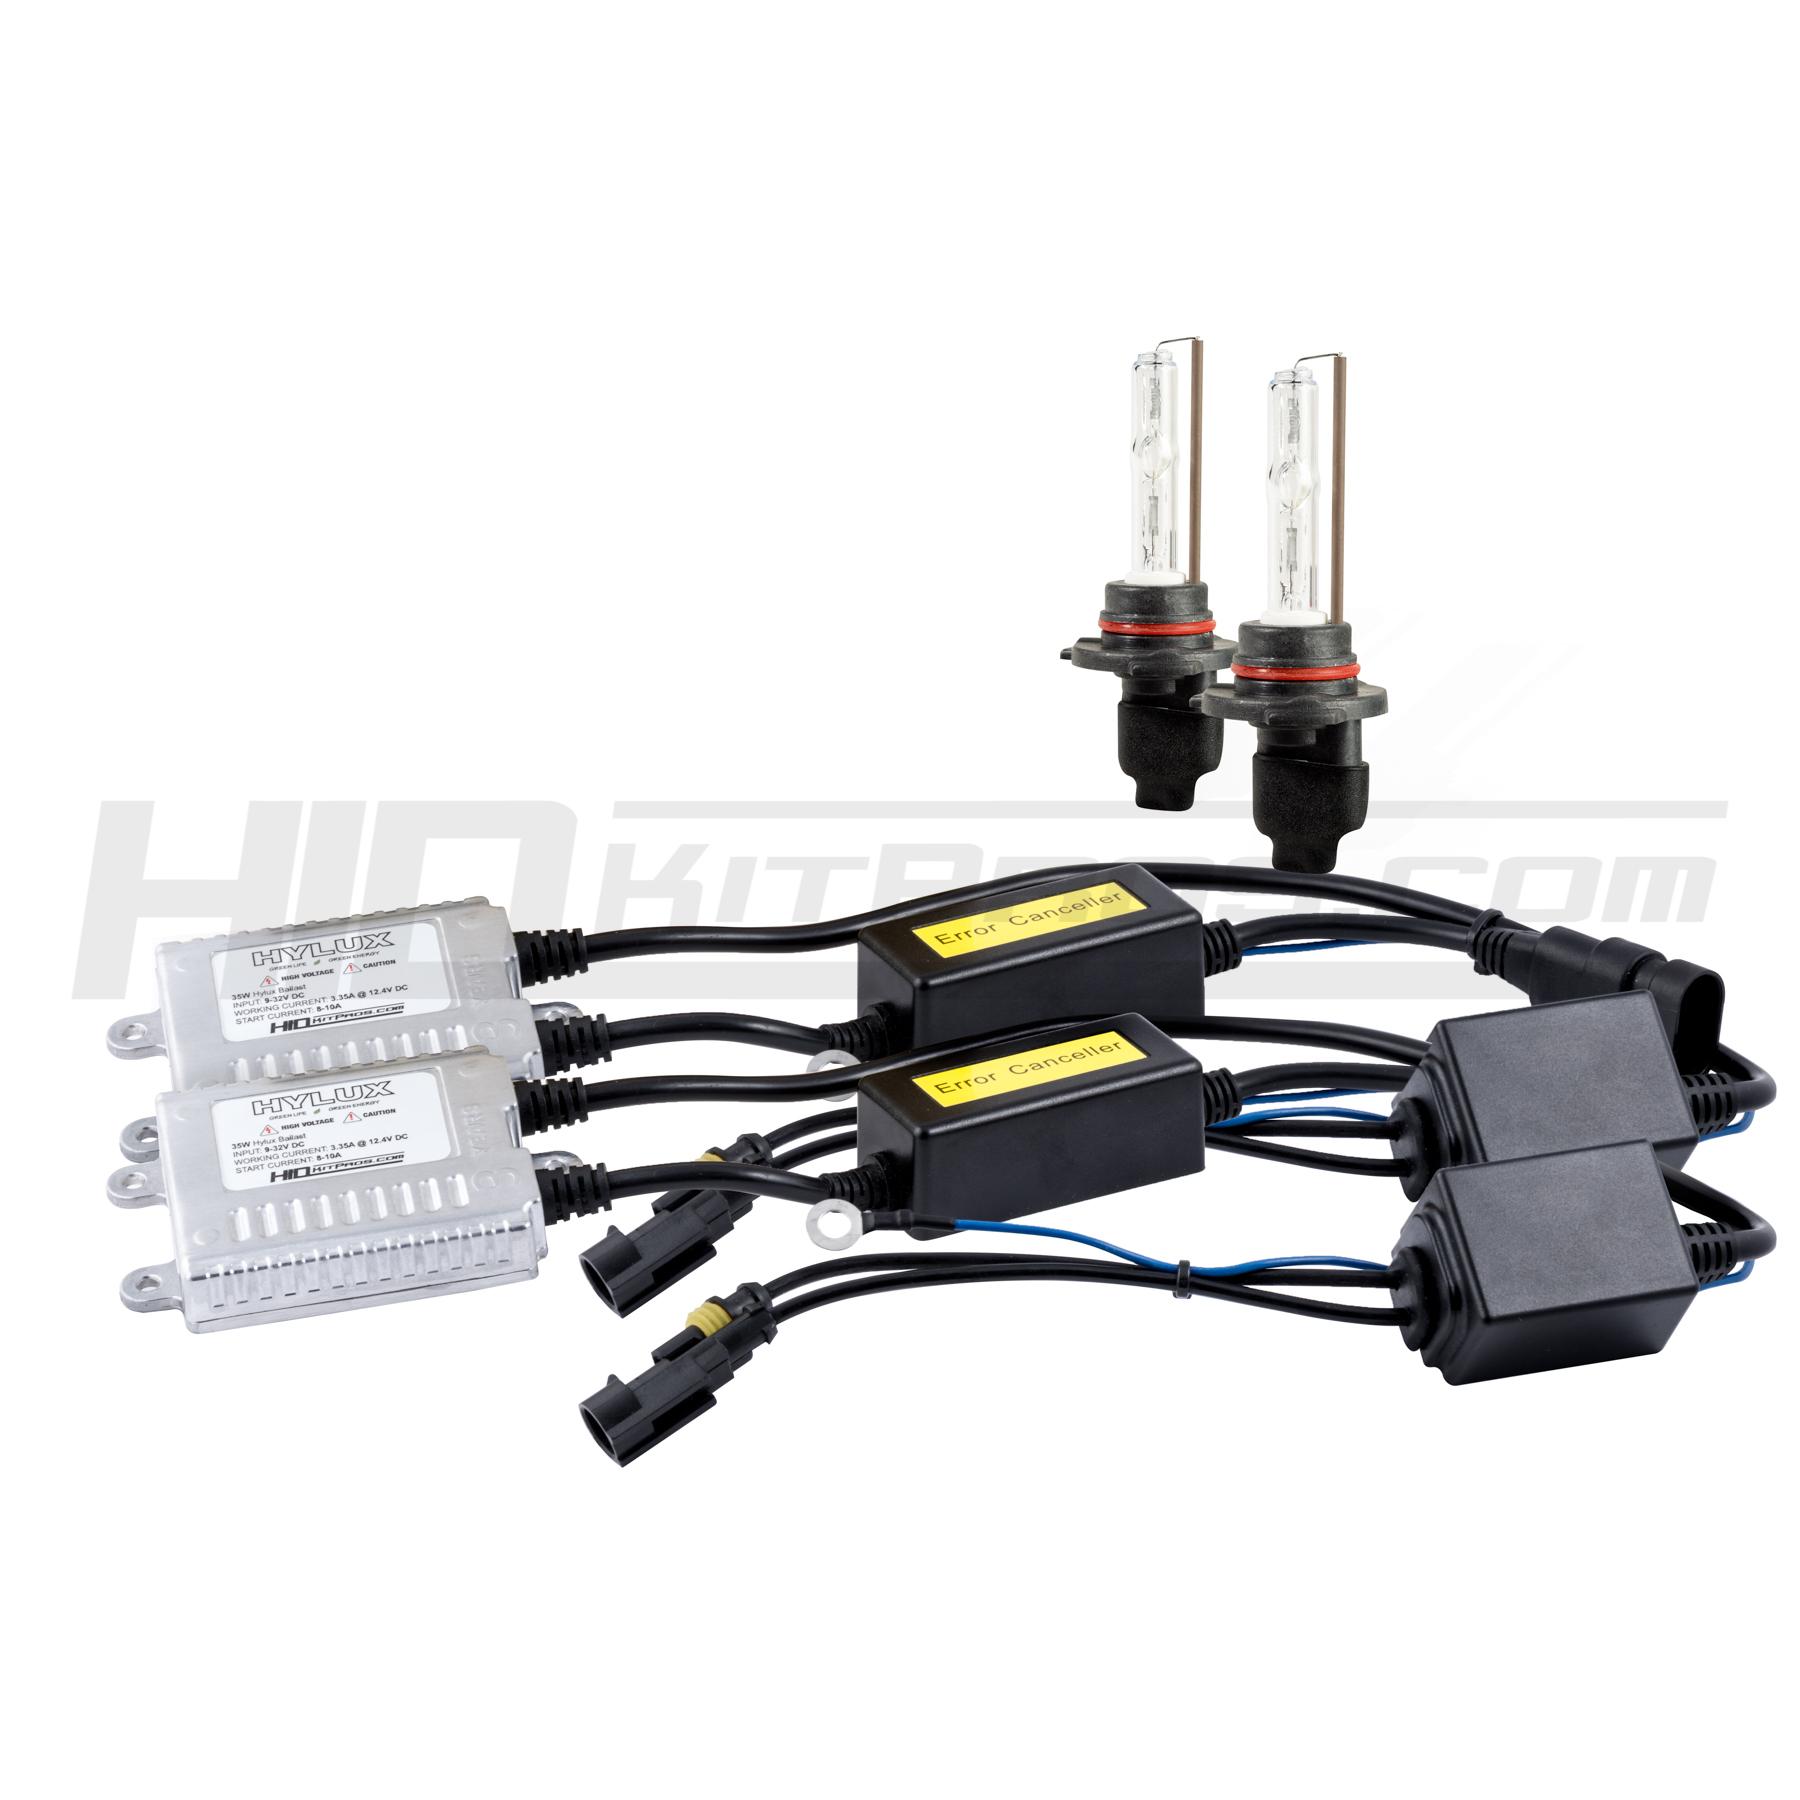 2014 2015 gmc sierra 1500 hylux hi lo beam hid kit hid kit pros CAN-BUS Network in Tractor 2014 2015 gmc sierra 1500 hylux hi lo beam hid kit